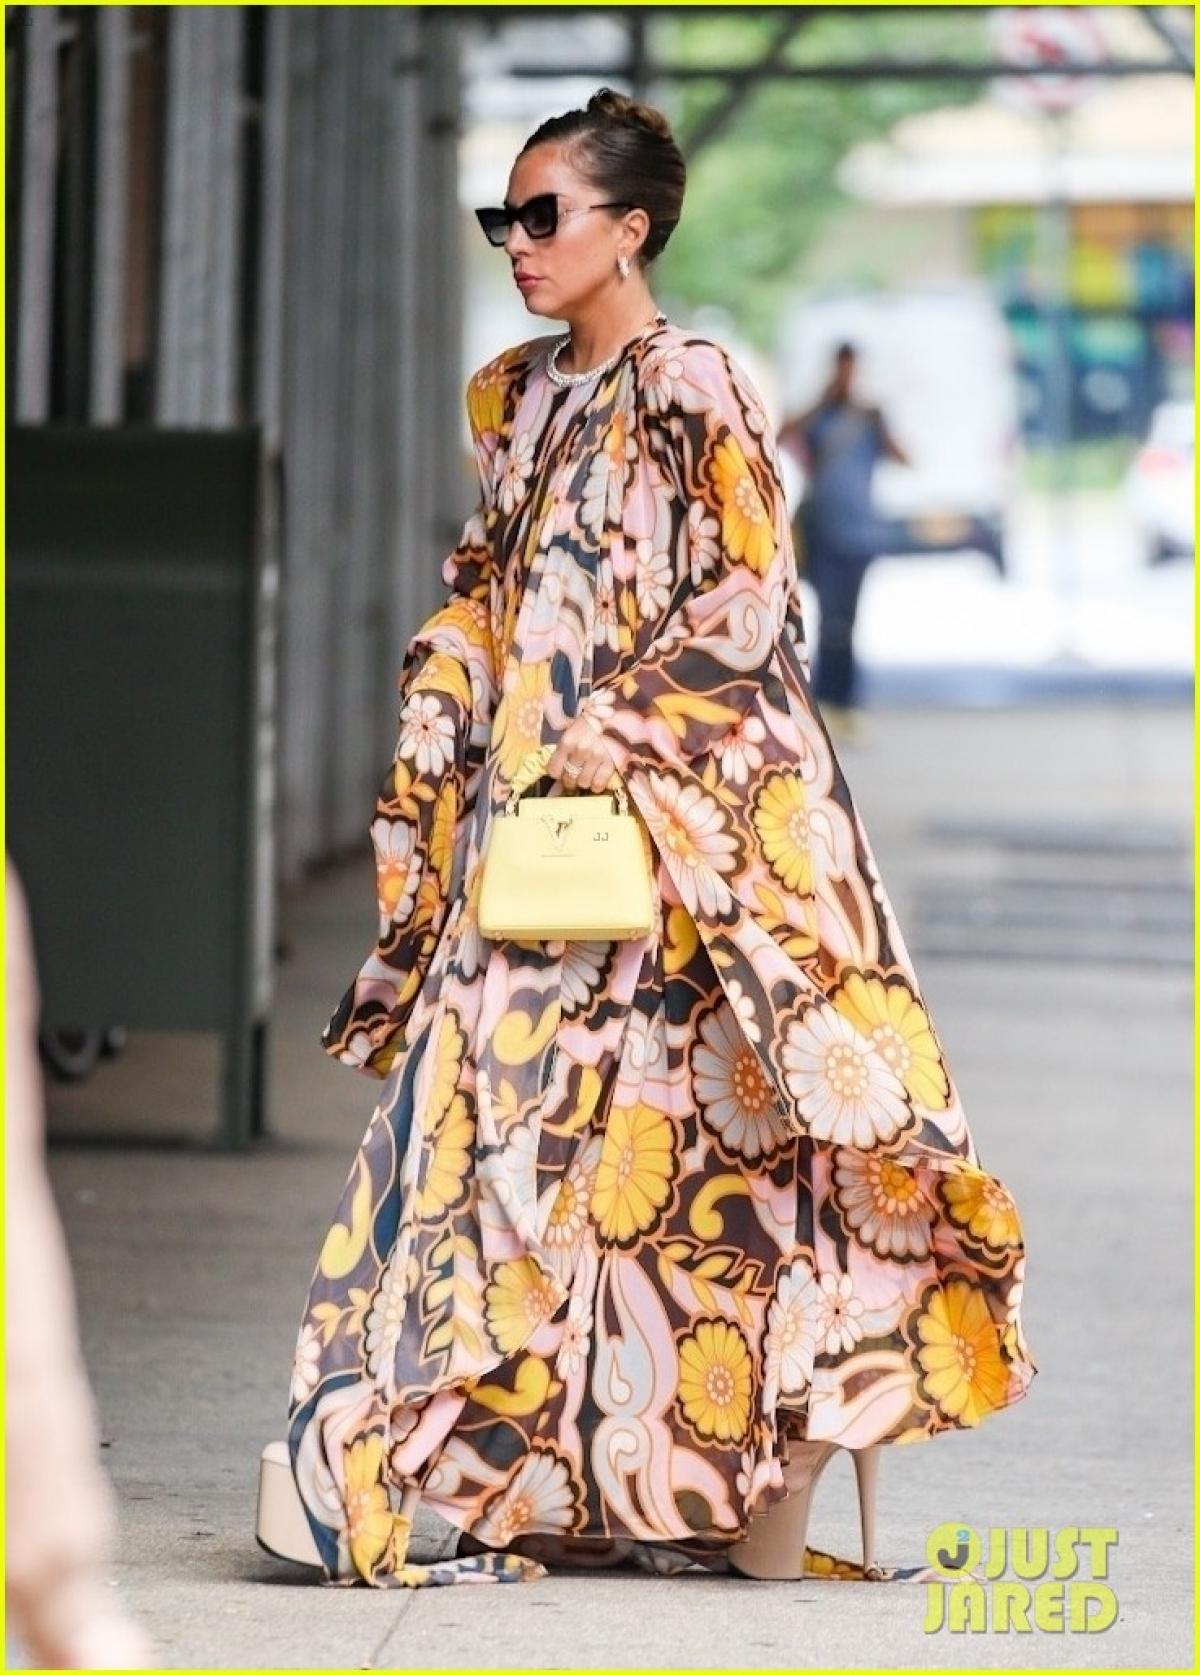 Thành công trong sự nghiệp nhưng Lady Gaga lại khá trắc trở trong chuyện tình cảm. Người đẹp từng hủy hôn với nam diễn viên Taylor Kinney vào năm 2016 và nhà quản lý tài năng Christian Carino năm 2019./.